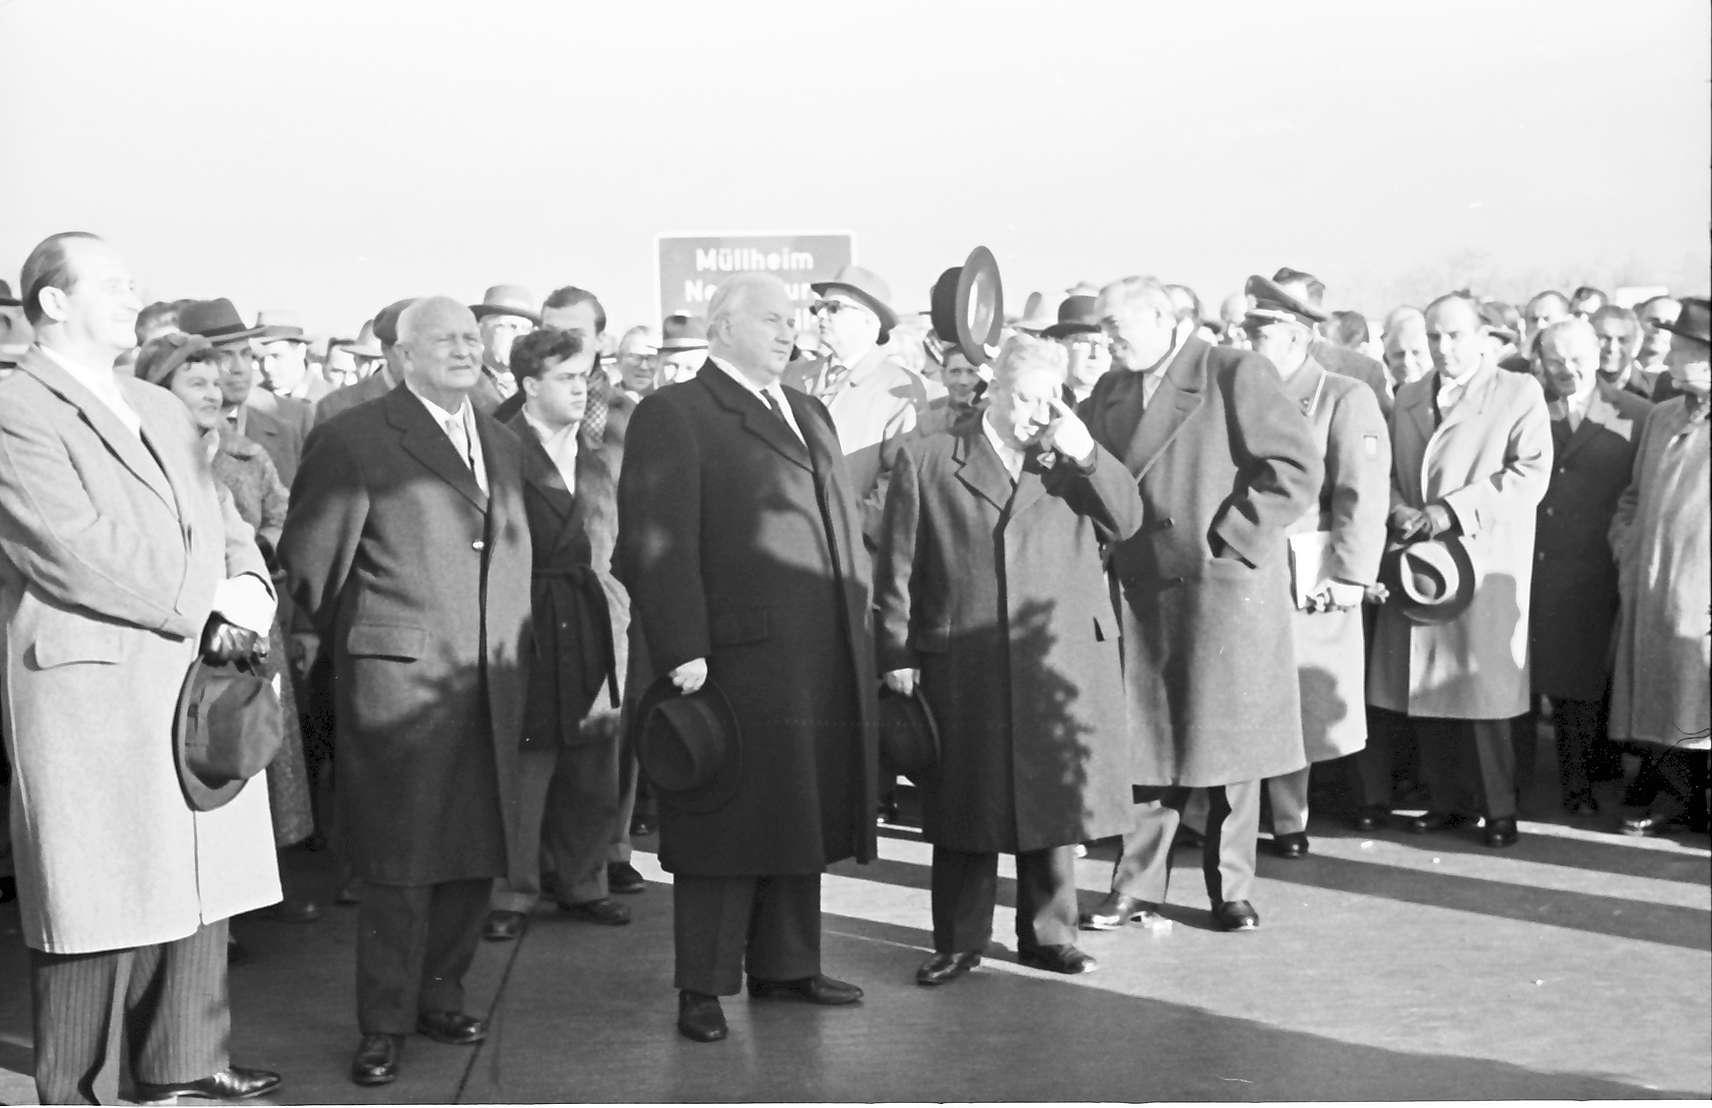 Neuenburg: Eröffnung der Strecke Neuenburg - Märkt; Gruppen; während der Ansprache, Bild 1